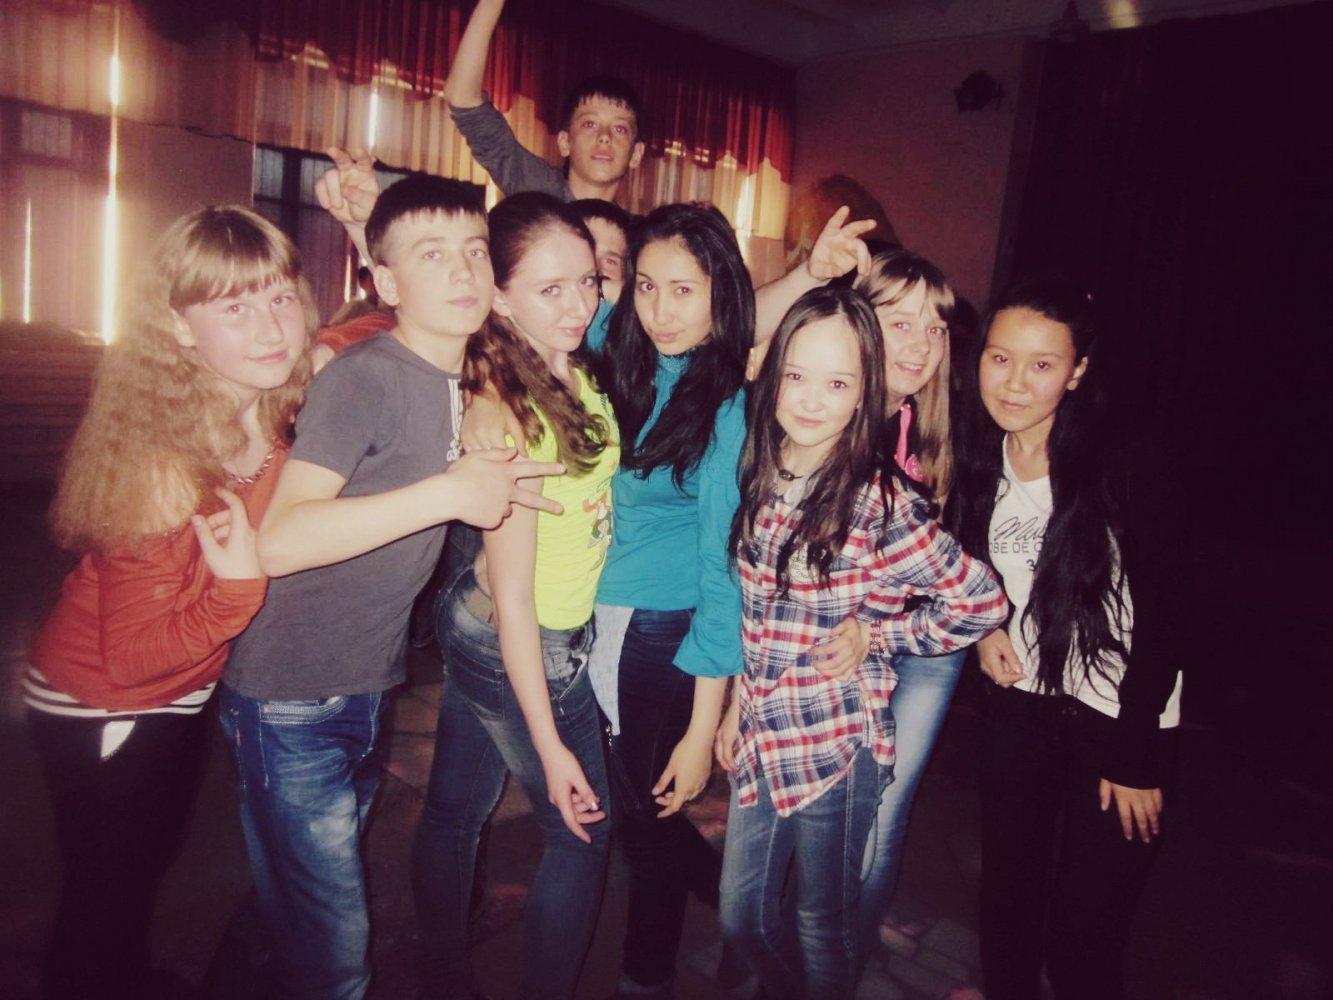 знакомства казахстан павлодарская область